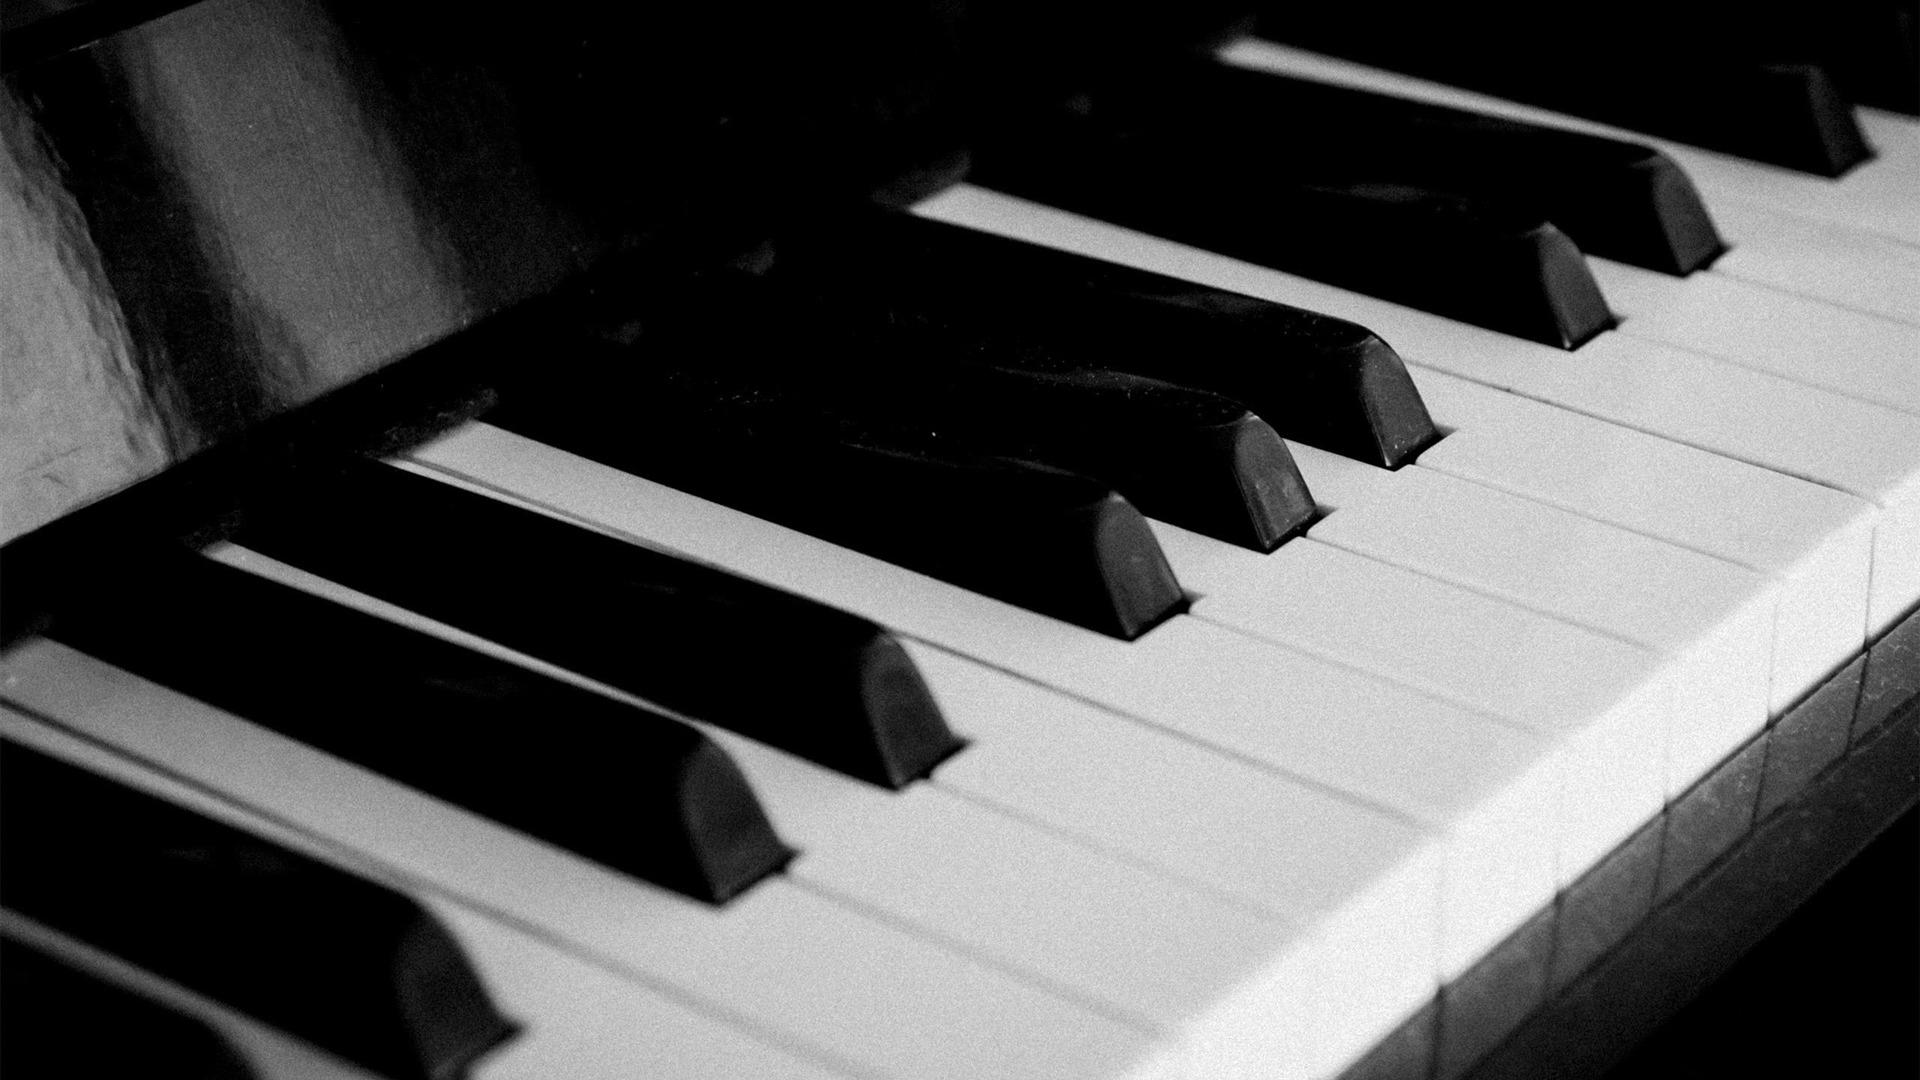 説明 ピアノの鍵 音楽、ファッションの壁紙 現在の